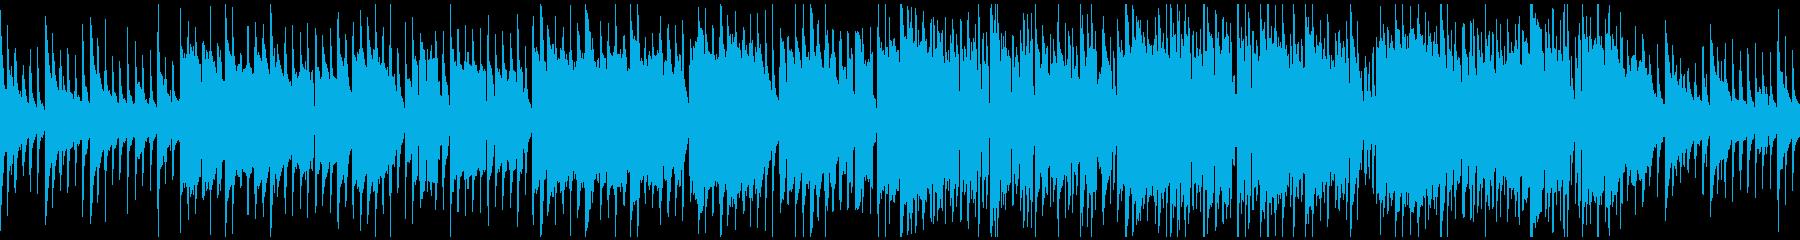 ファンタジー系のキラキラ曲※ループ仕様版の再生済みの波形